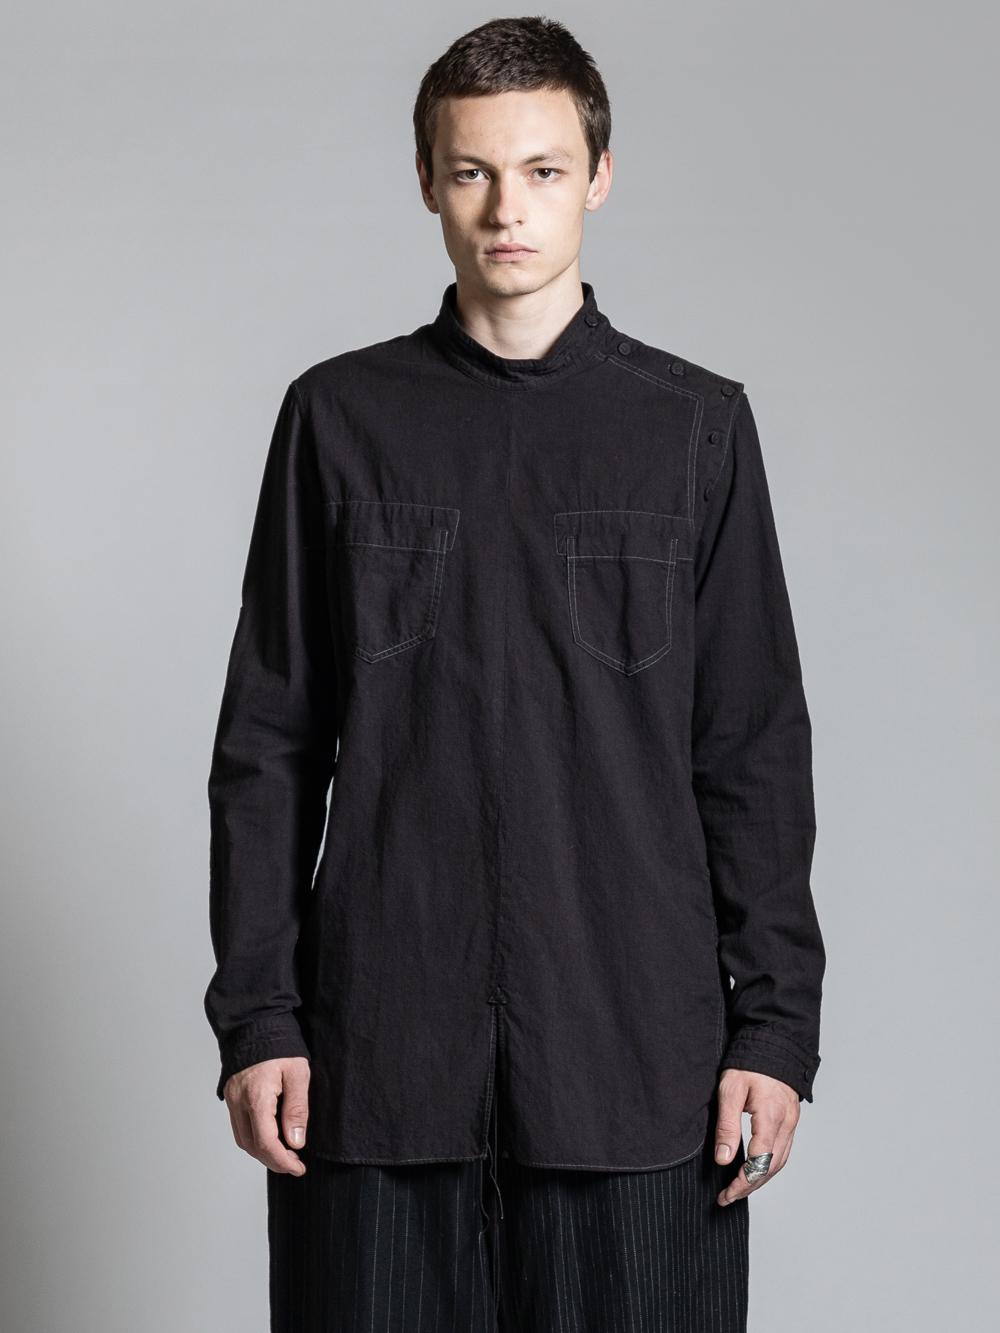 VI-2955-02 / フェンシングシャツ